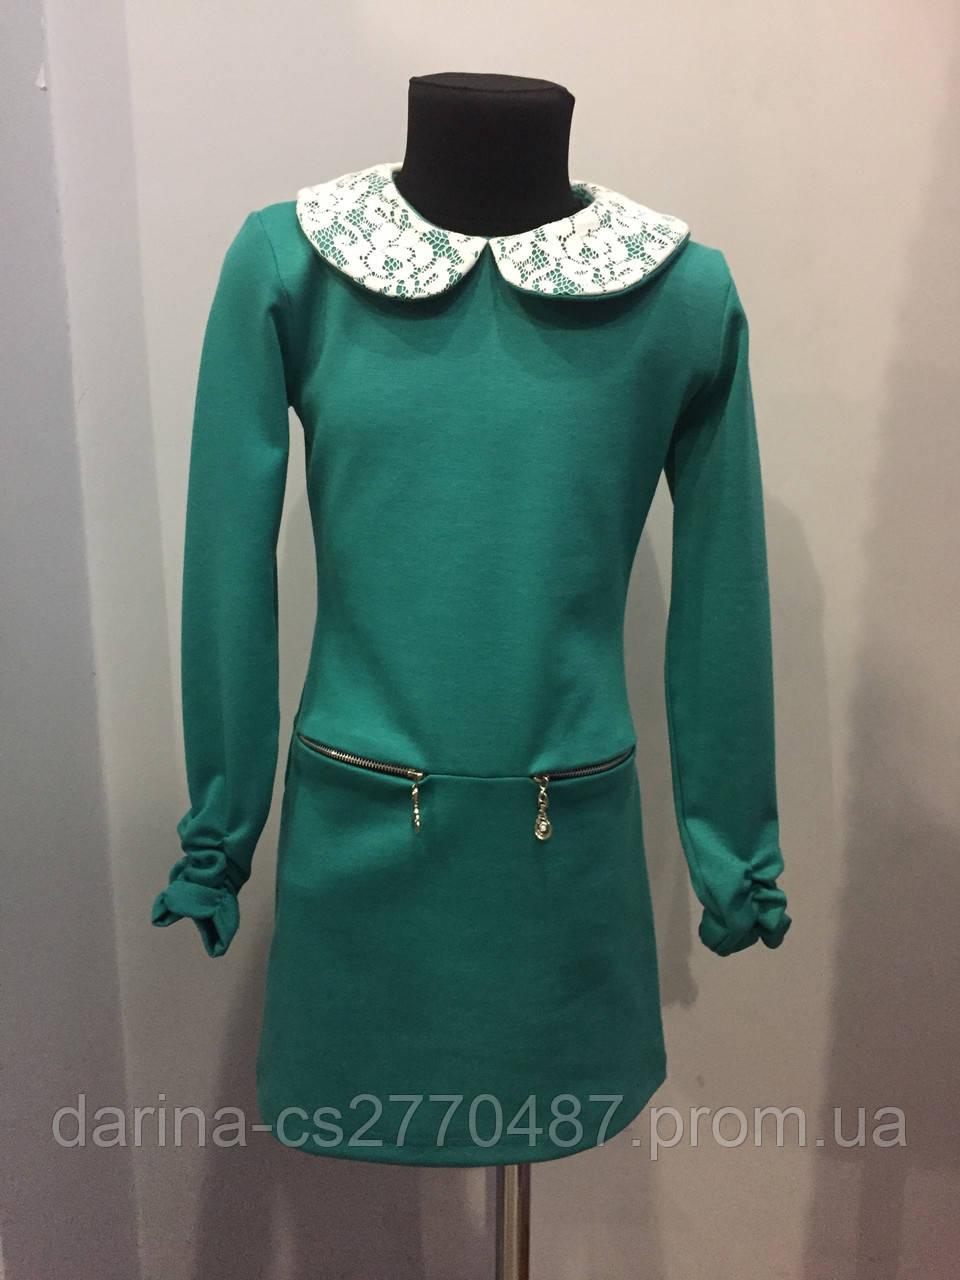 Платье для девочки 134 см